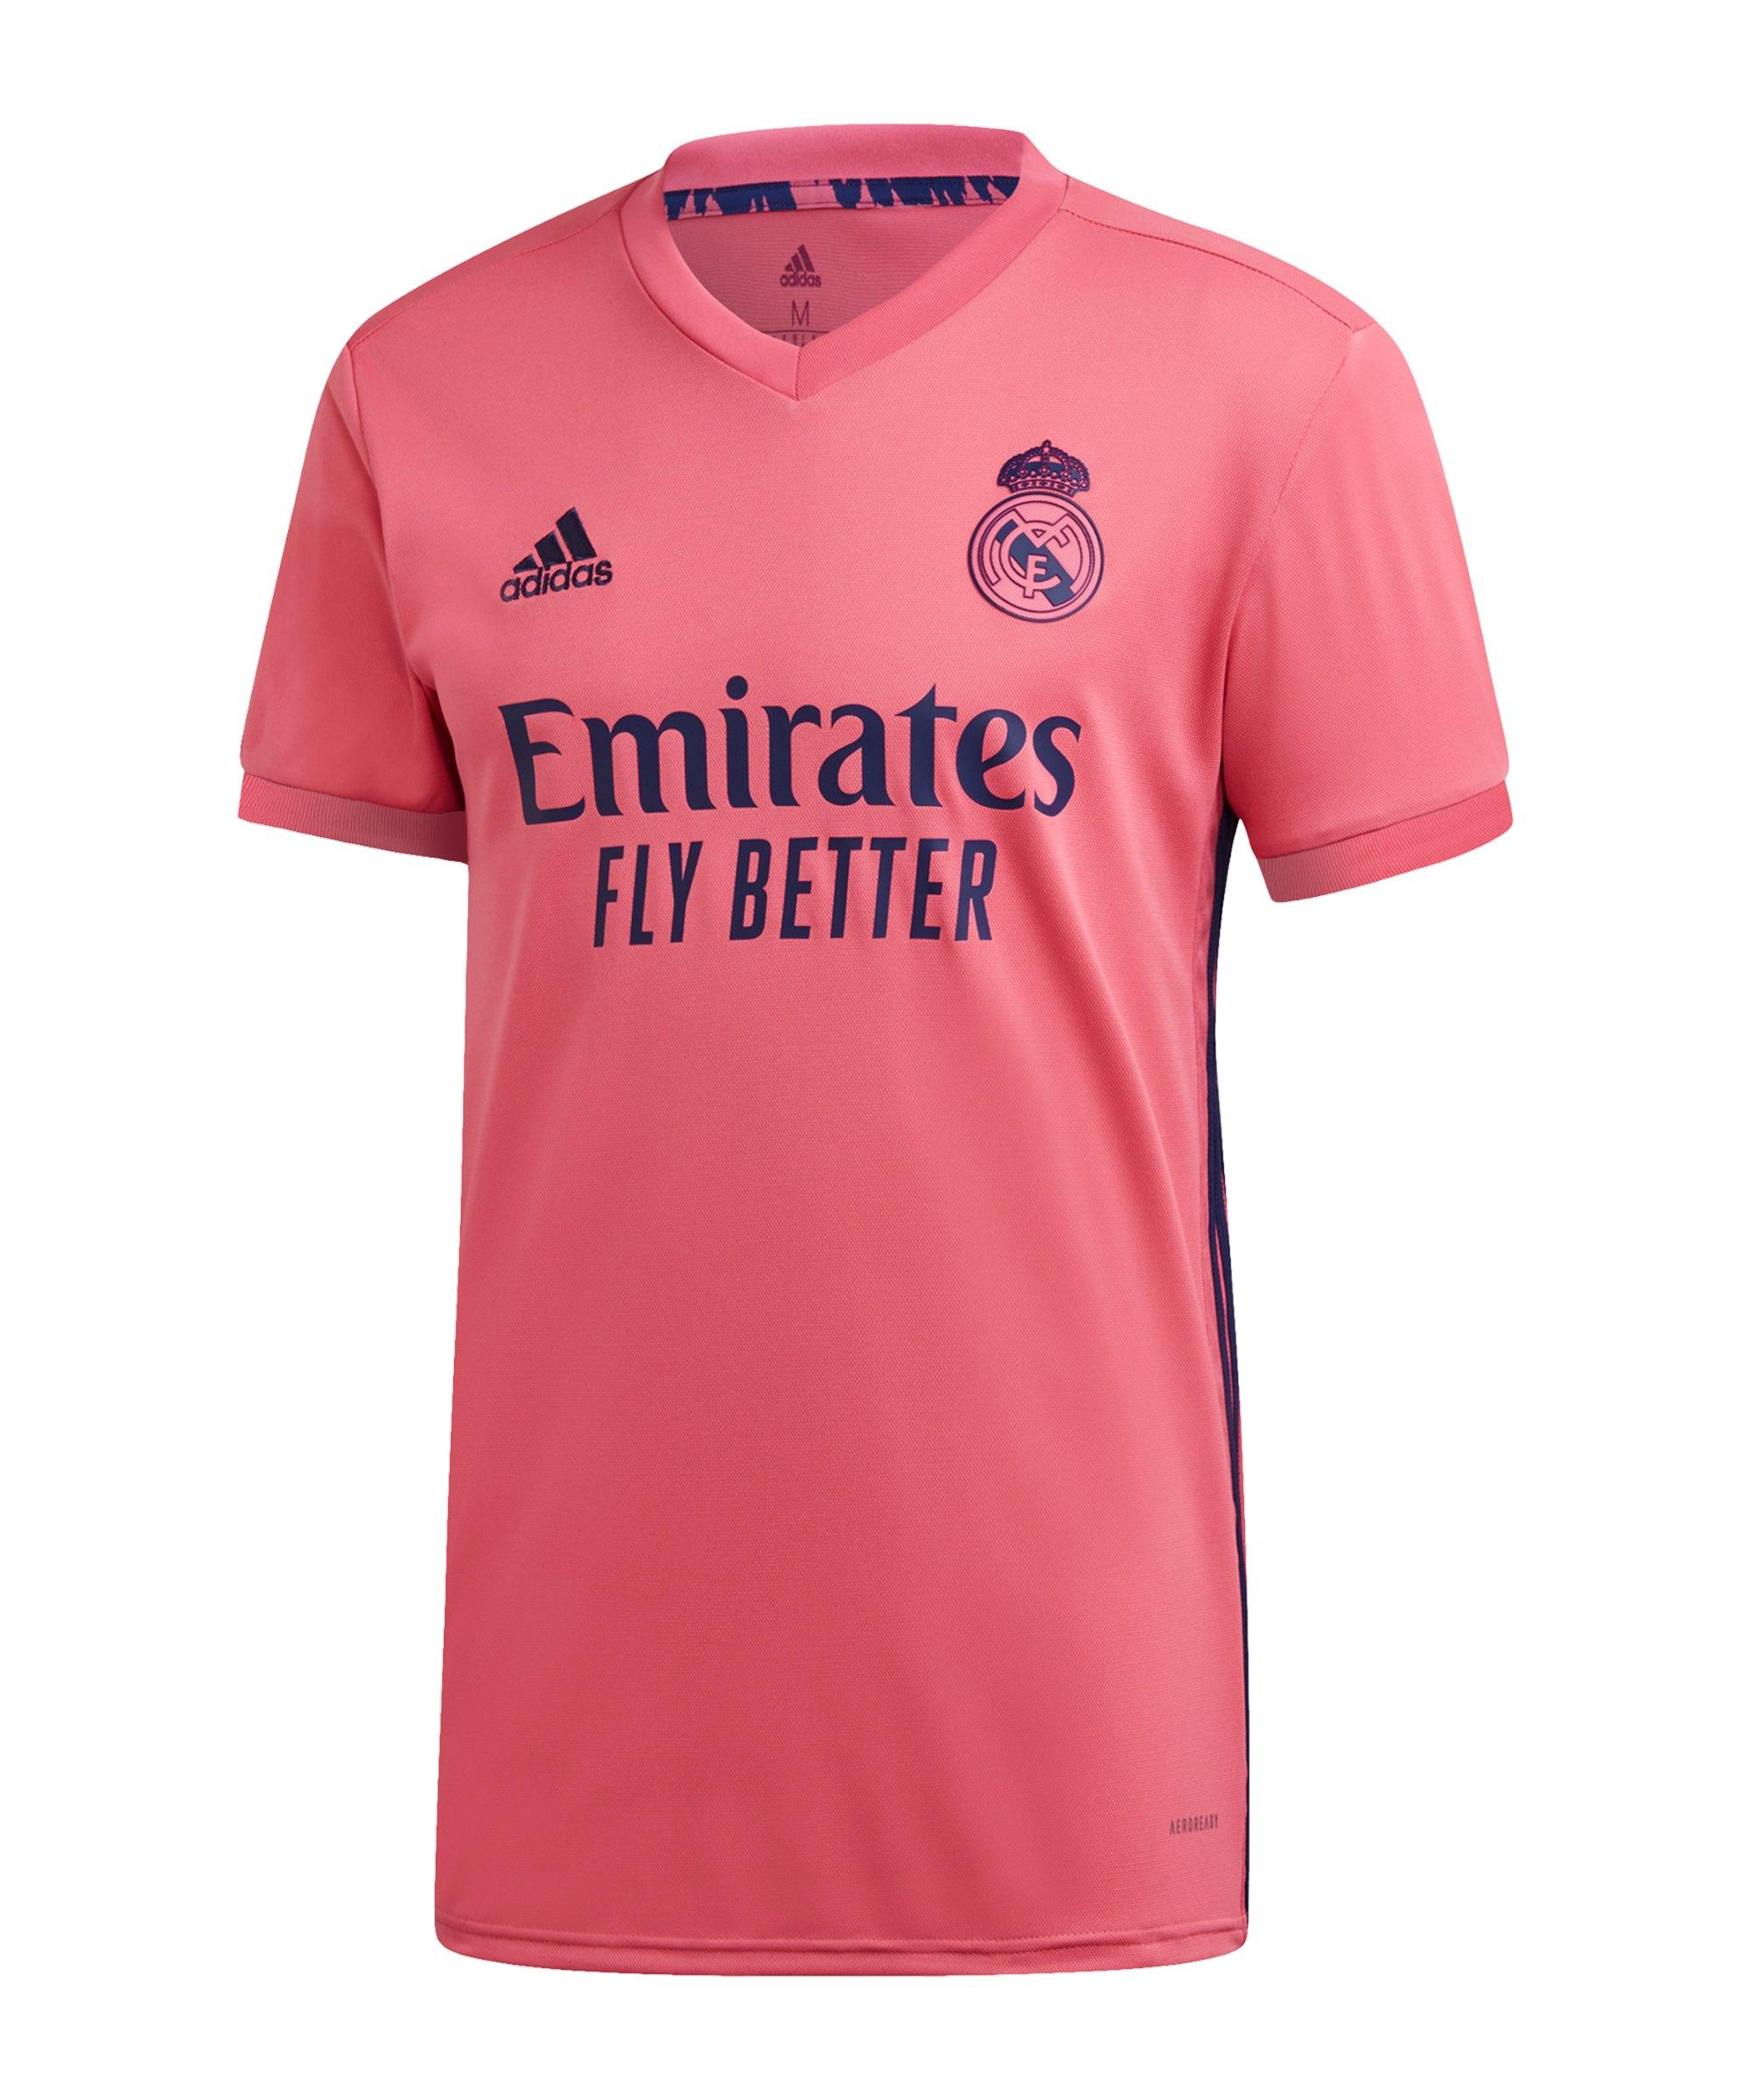 adidas Real Madrid Trikot Away 2020/2021 Pink - pink